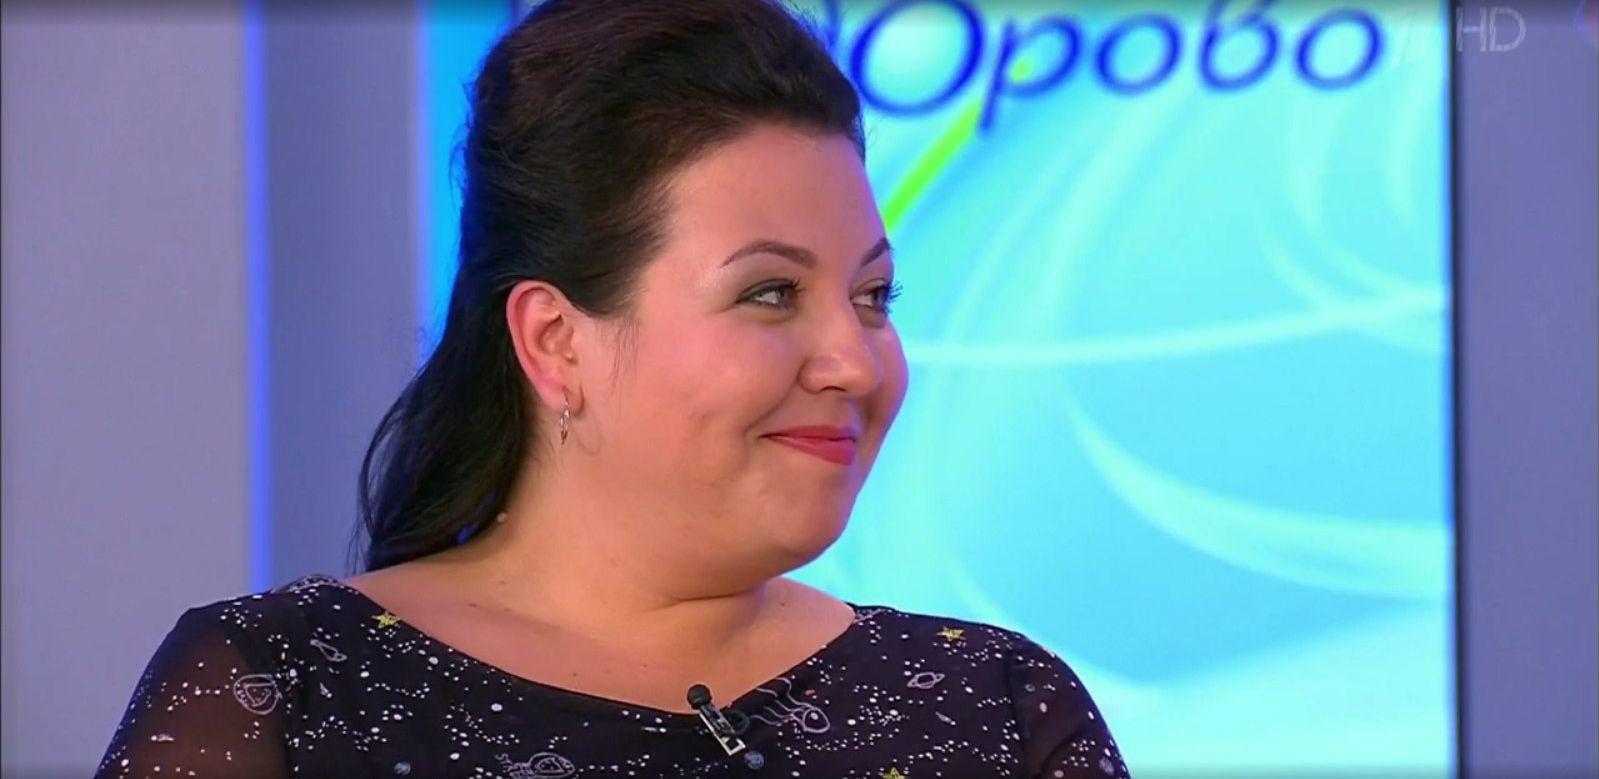 В передаче снялась Юлия Старикова, известная под псевдонимом «Боня»